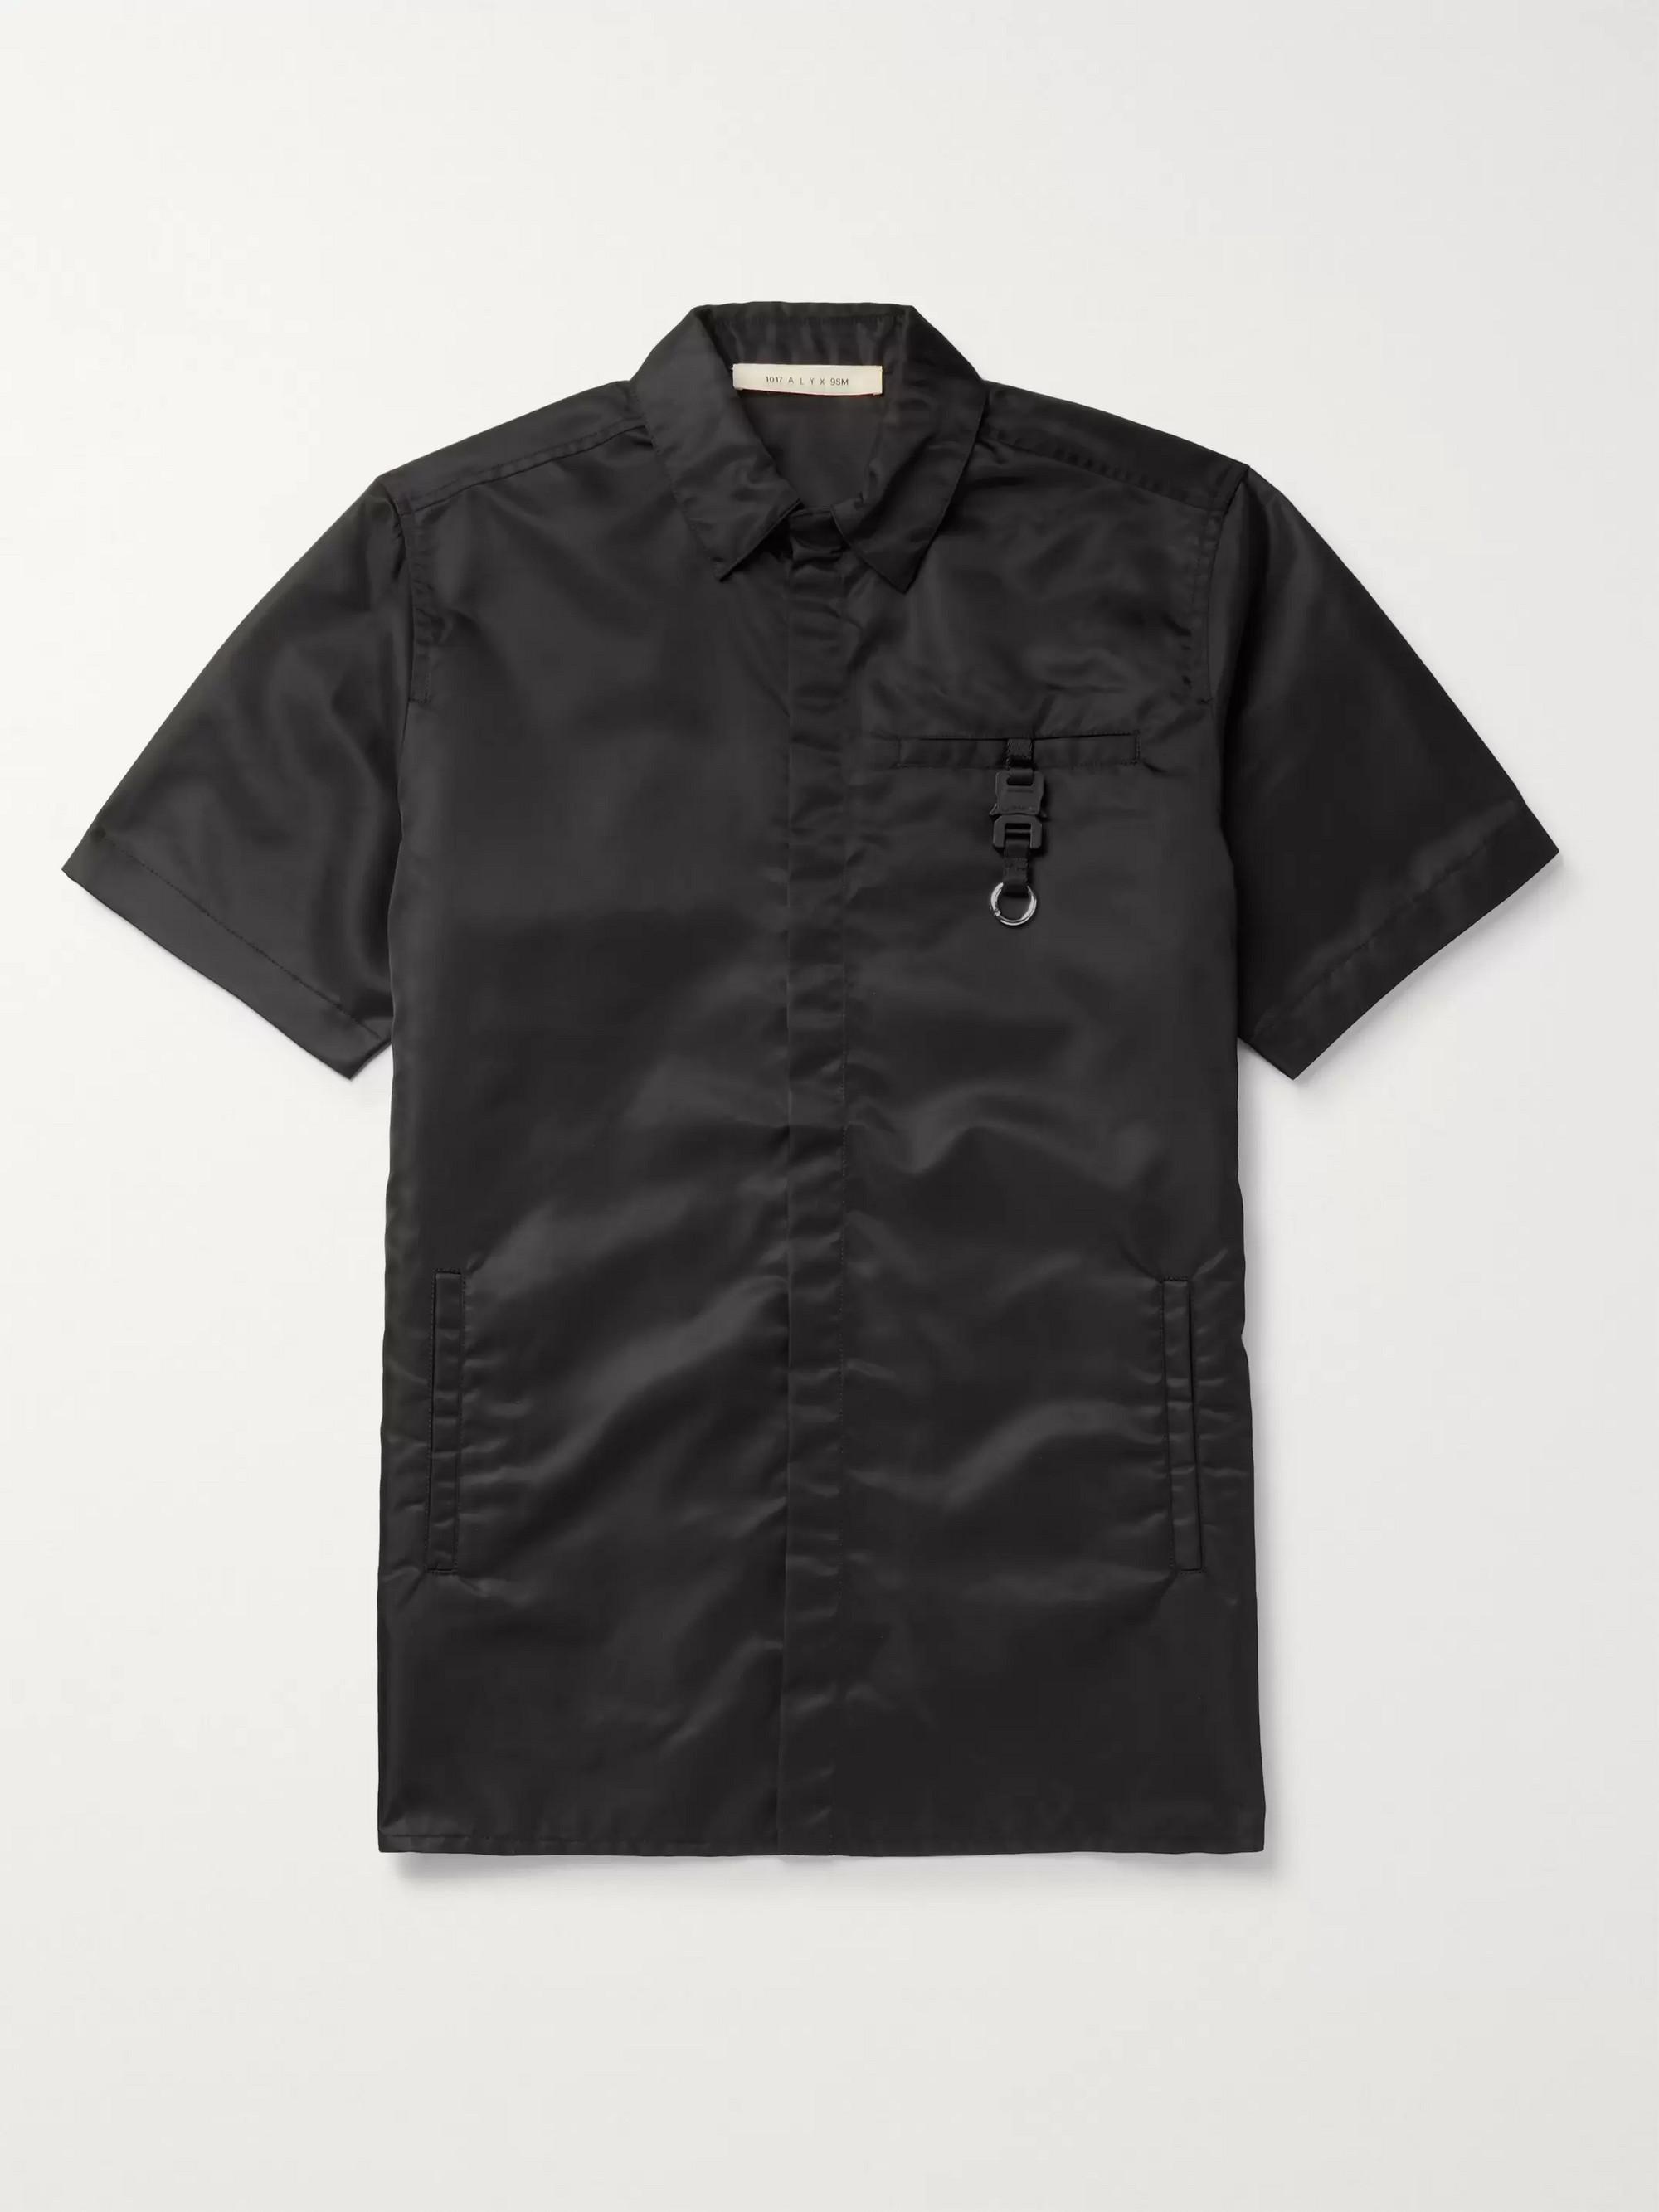 1017 ALYX 9SM Buckle-Embellished Nylon Shirt